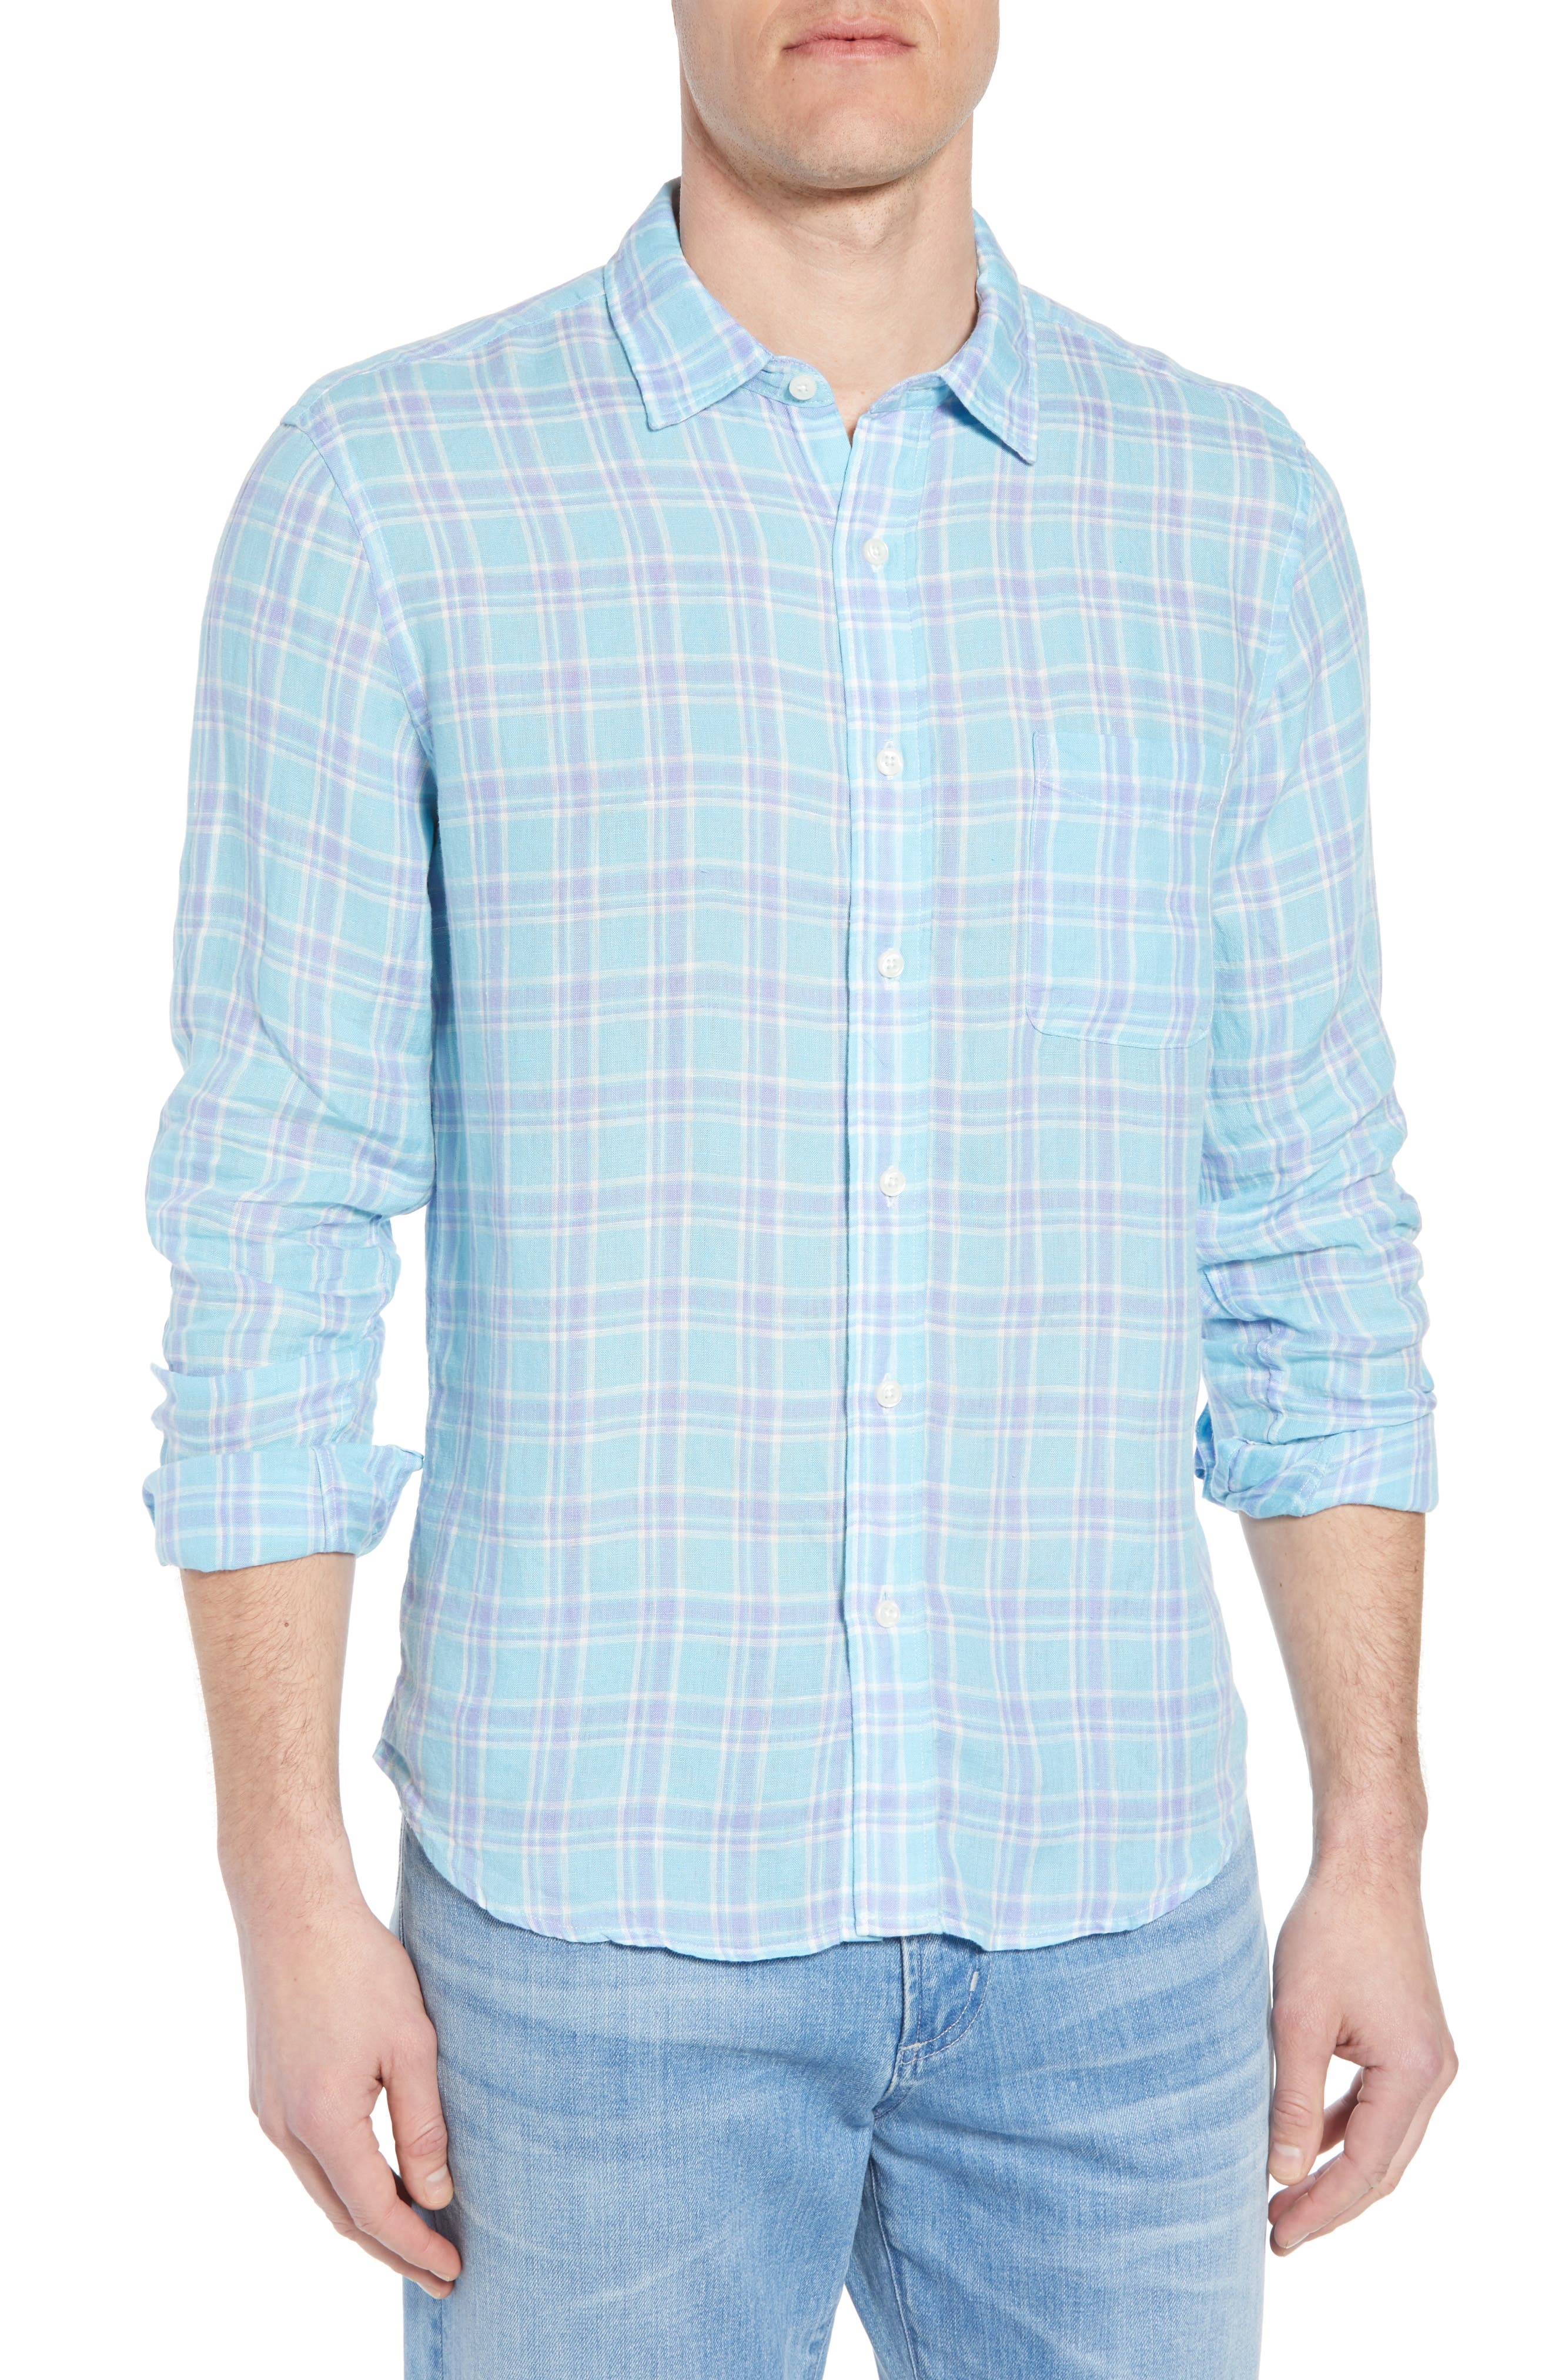 Ventura Plaid Linen Sport Shirt,                         Main,                         color, Teal Purple Plaid